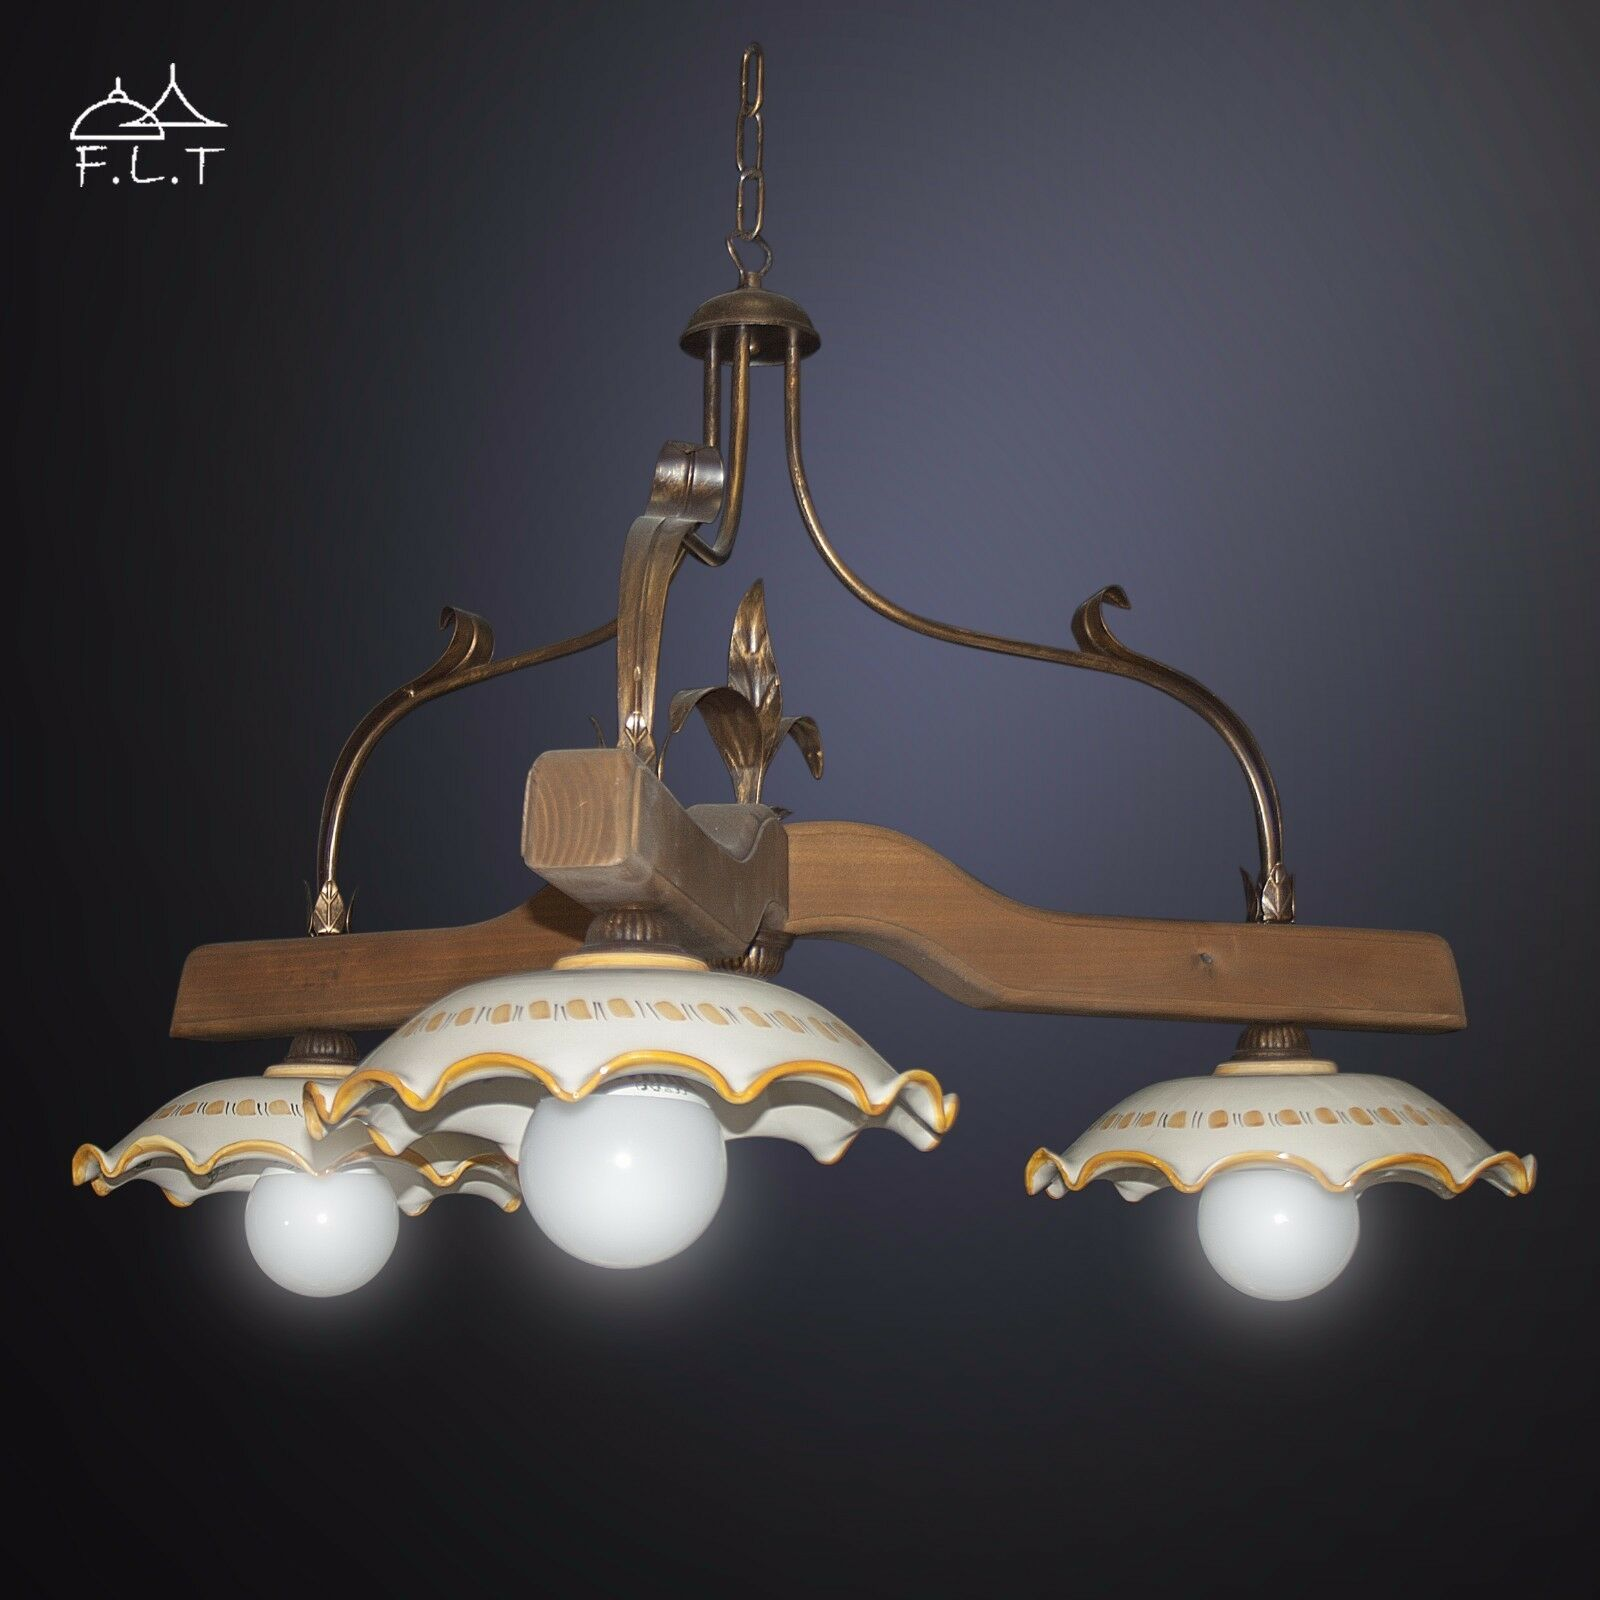 Bilanciere lampadario legno 3L rustico in ferro battuto ceramica di caltagirone